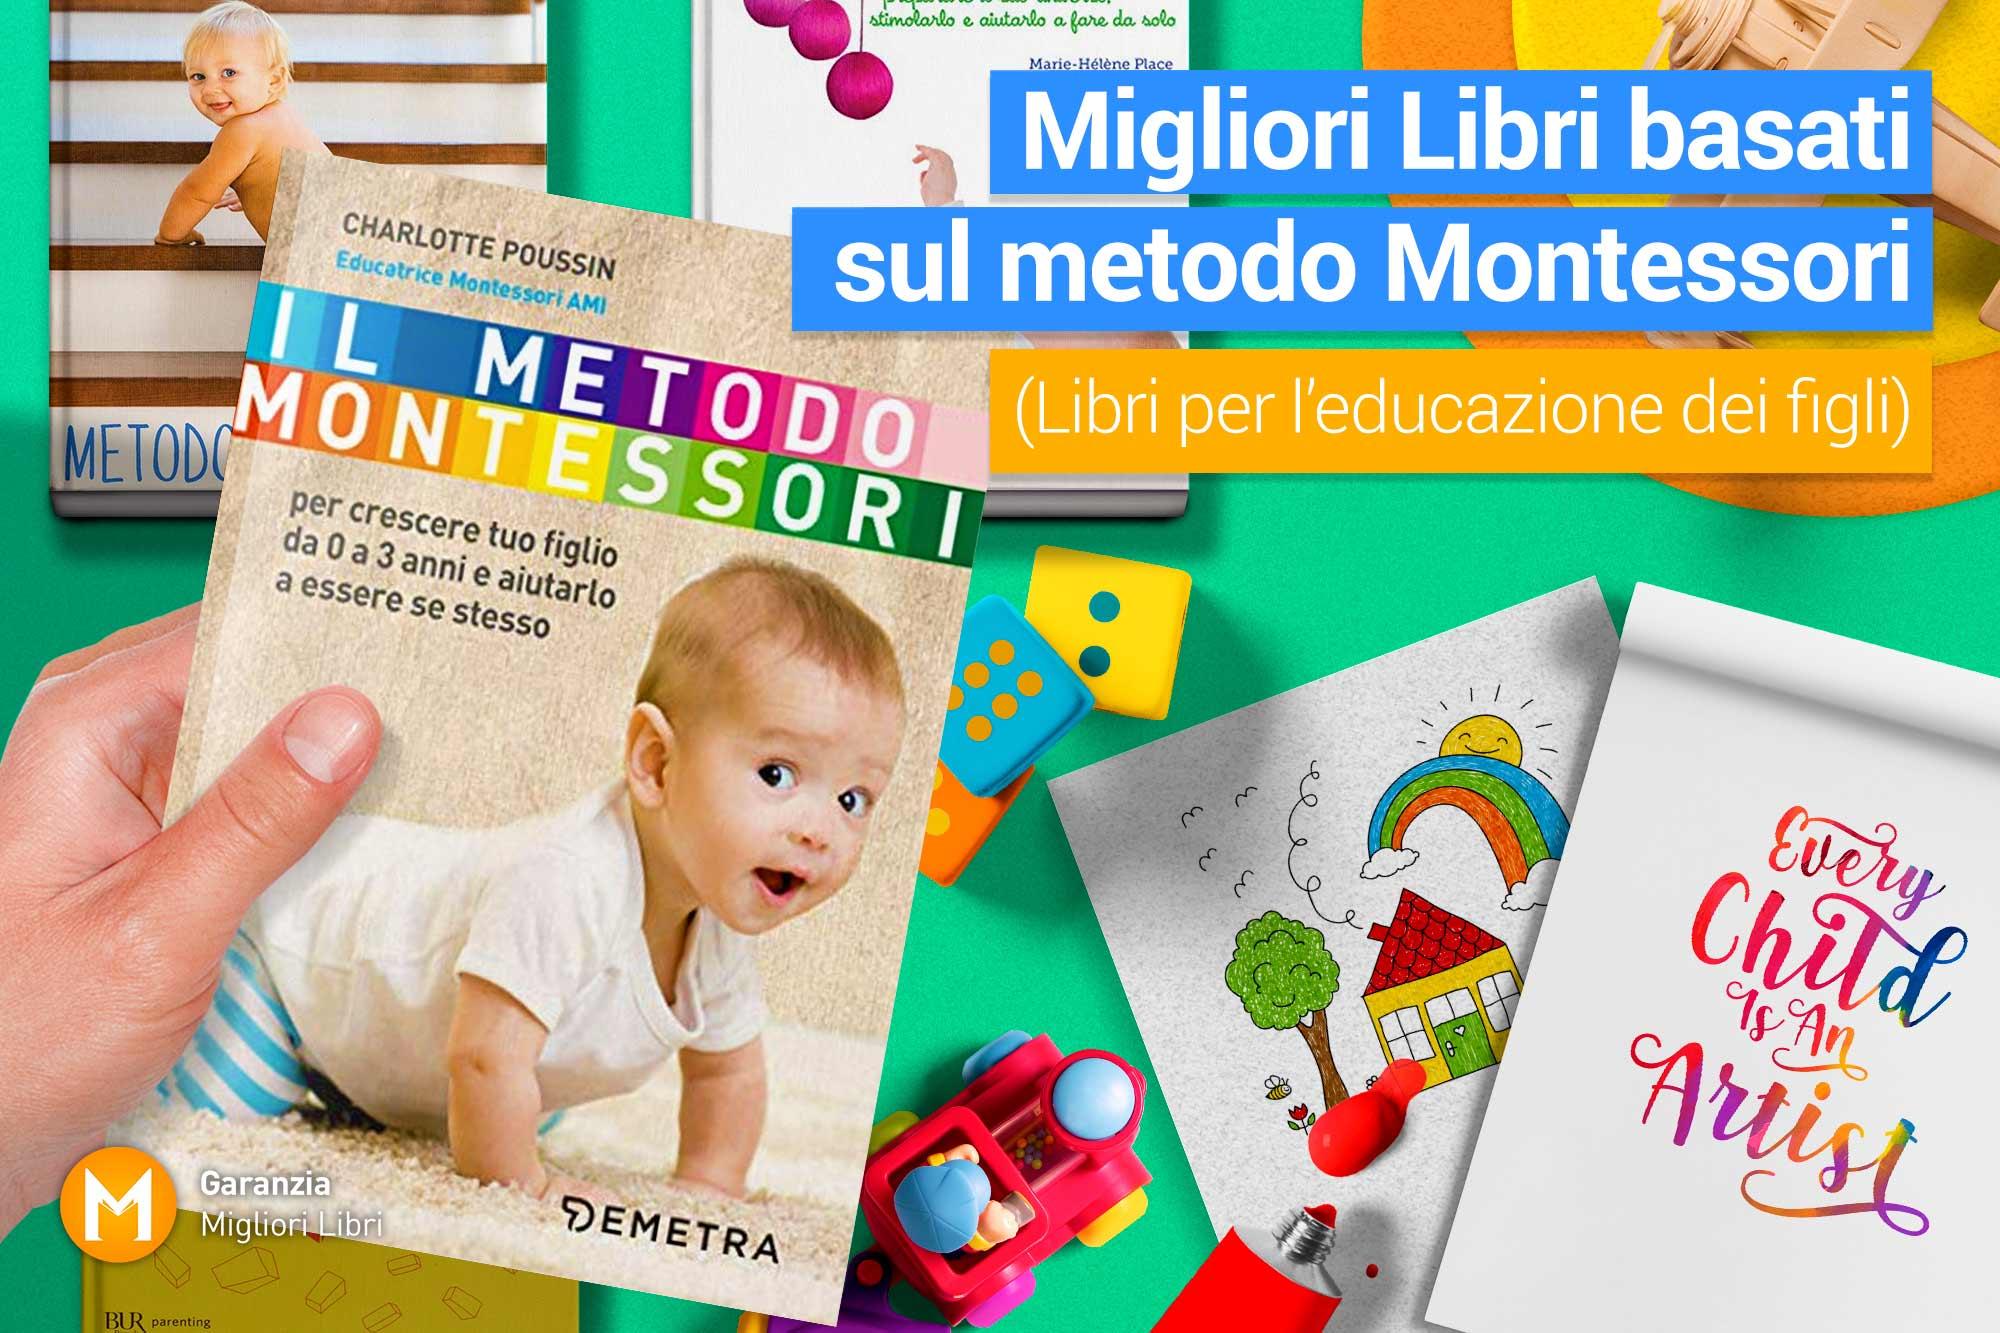 migliori-libri-per-bambini-basati-sul-metodo-montessori